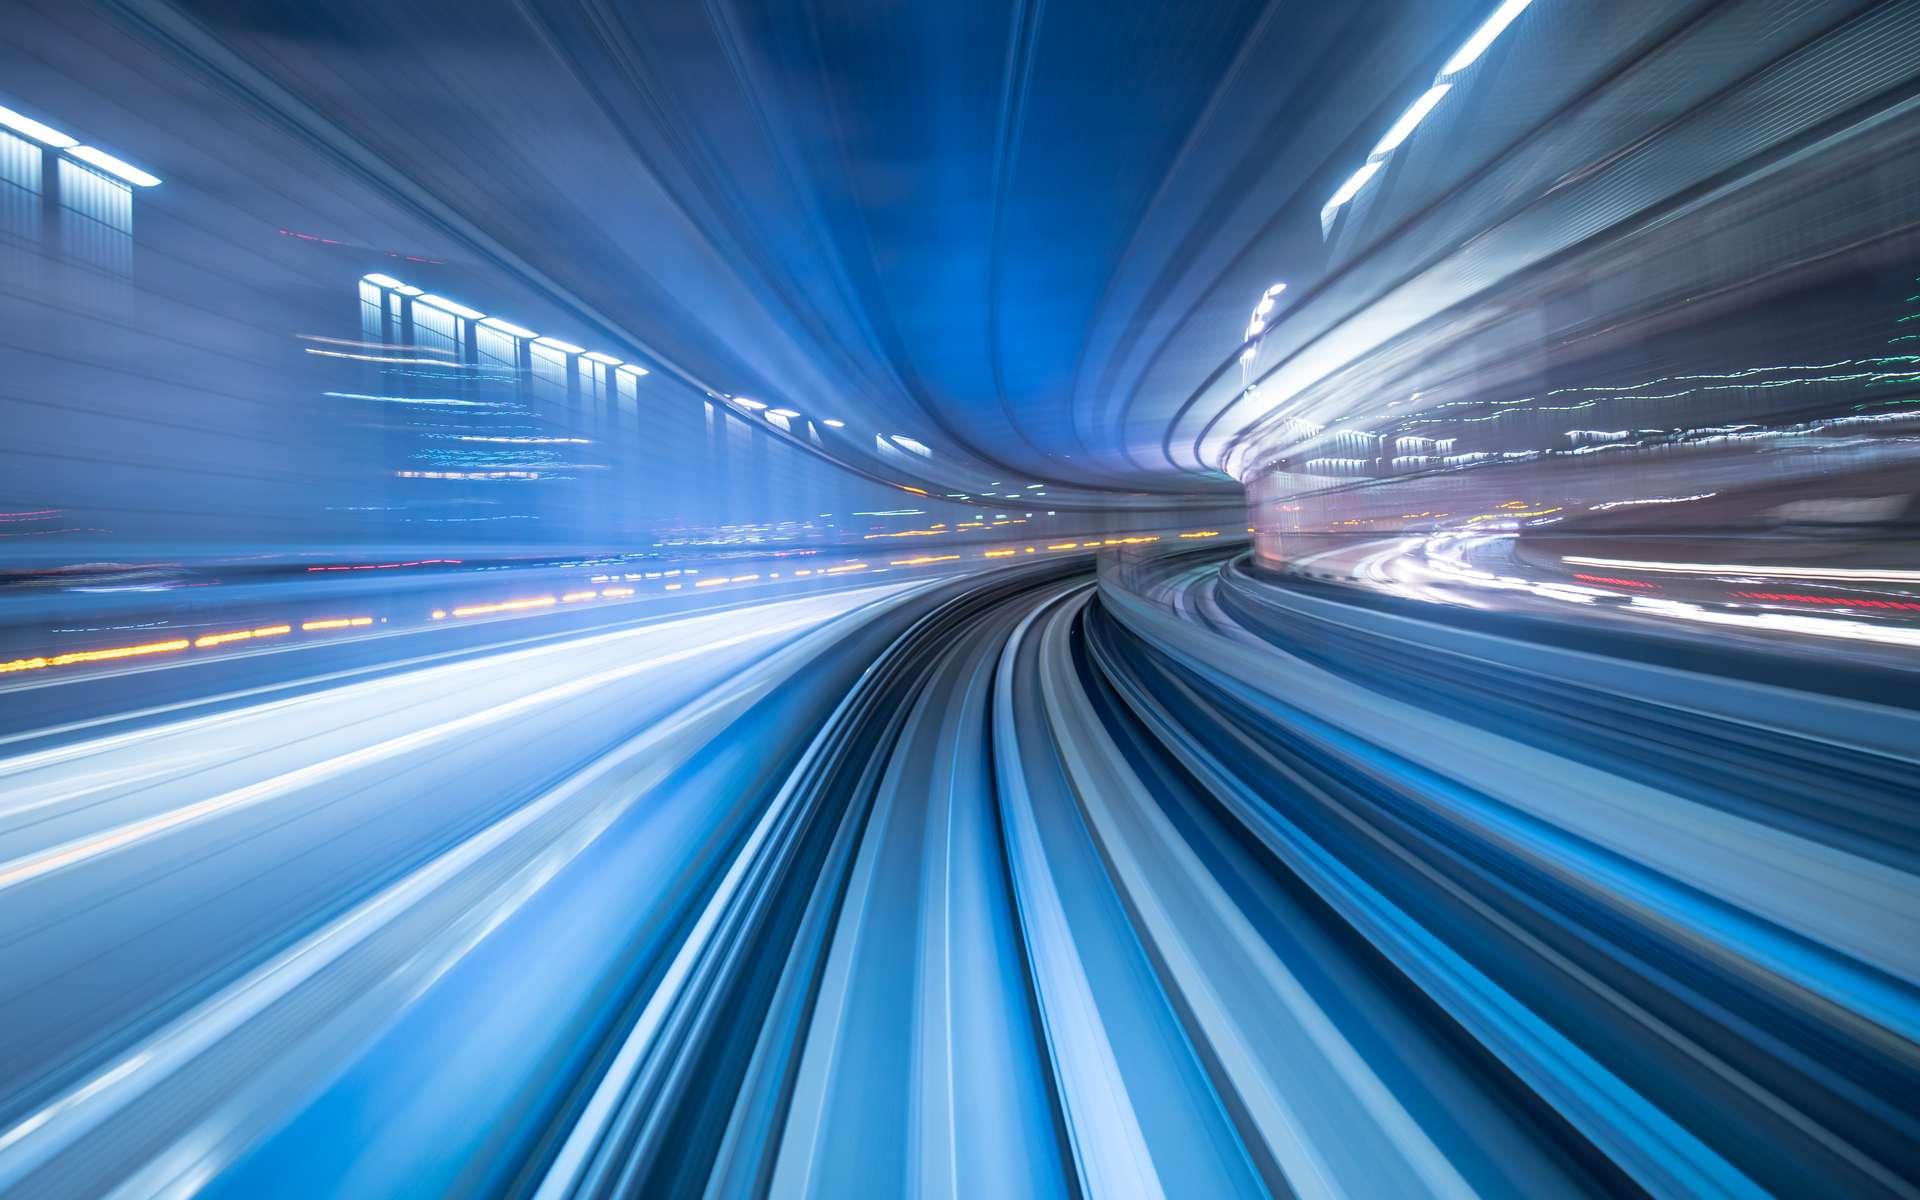 Que nous réserve le futur ? © Ikuni, Adobe Stock